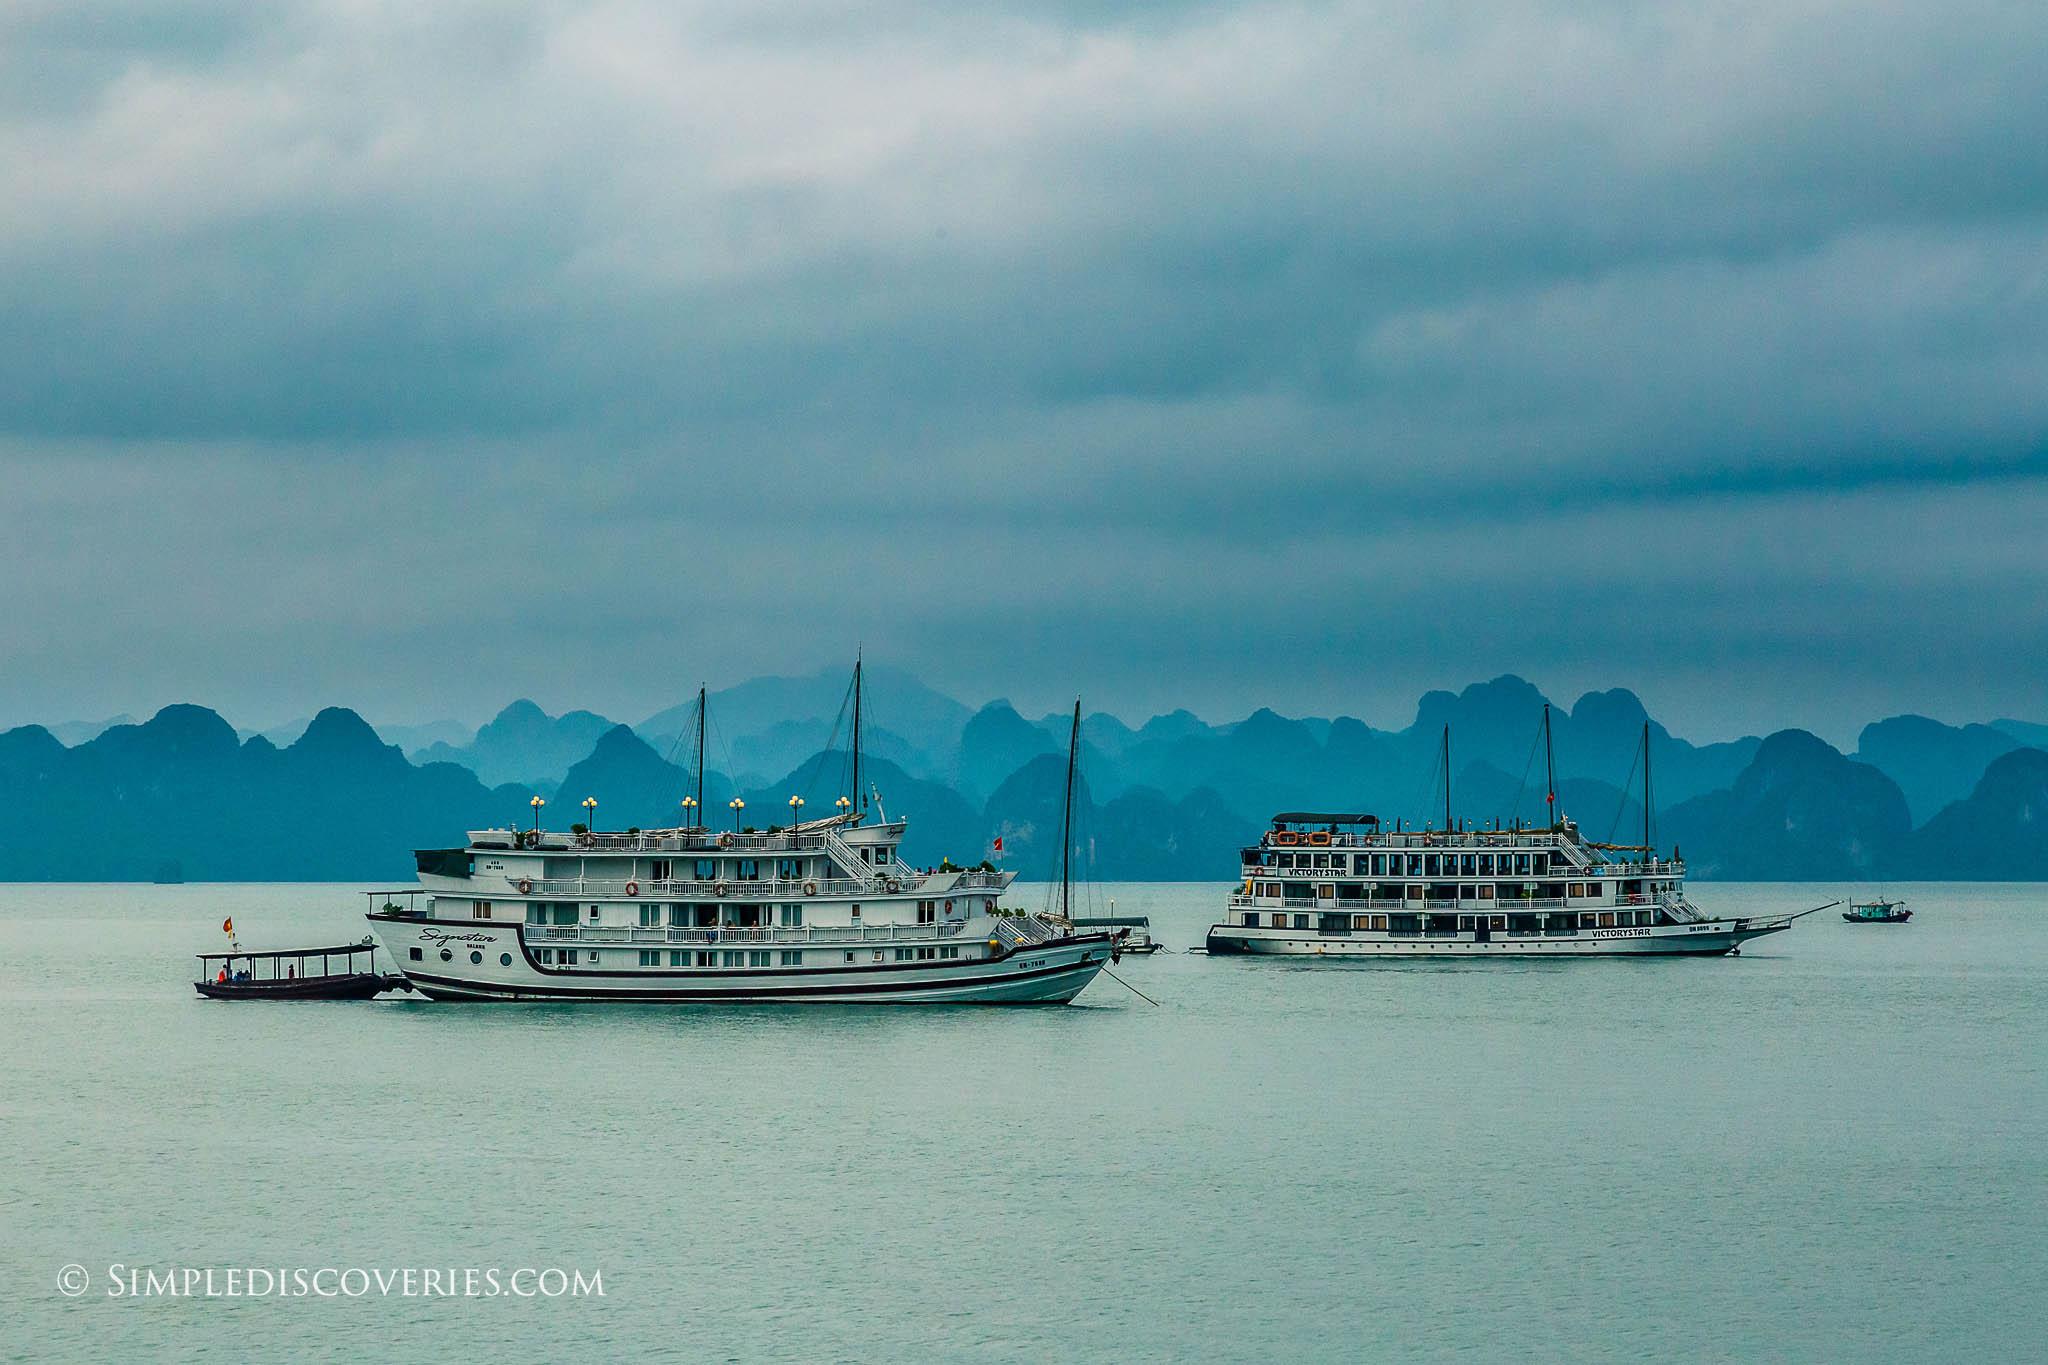 boats_bai_tu_long_bay_vietnam